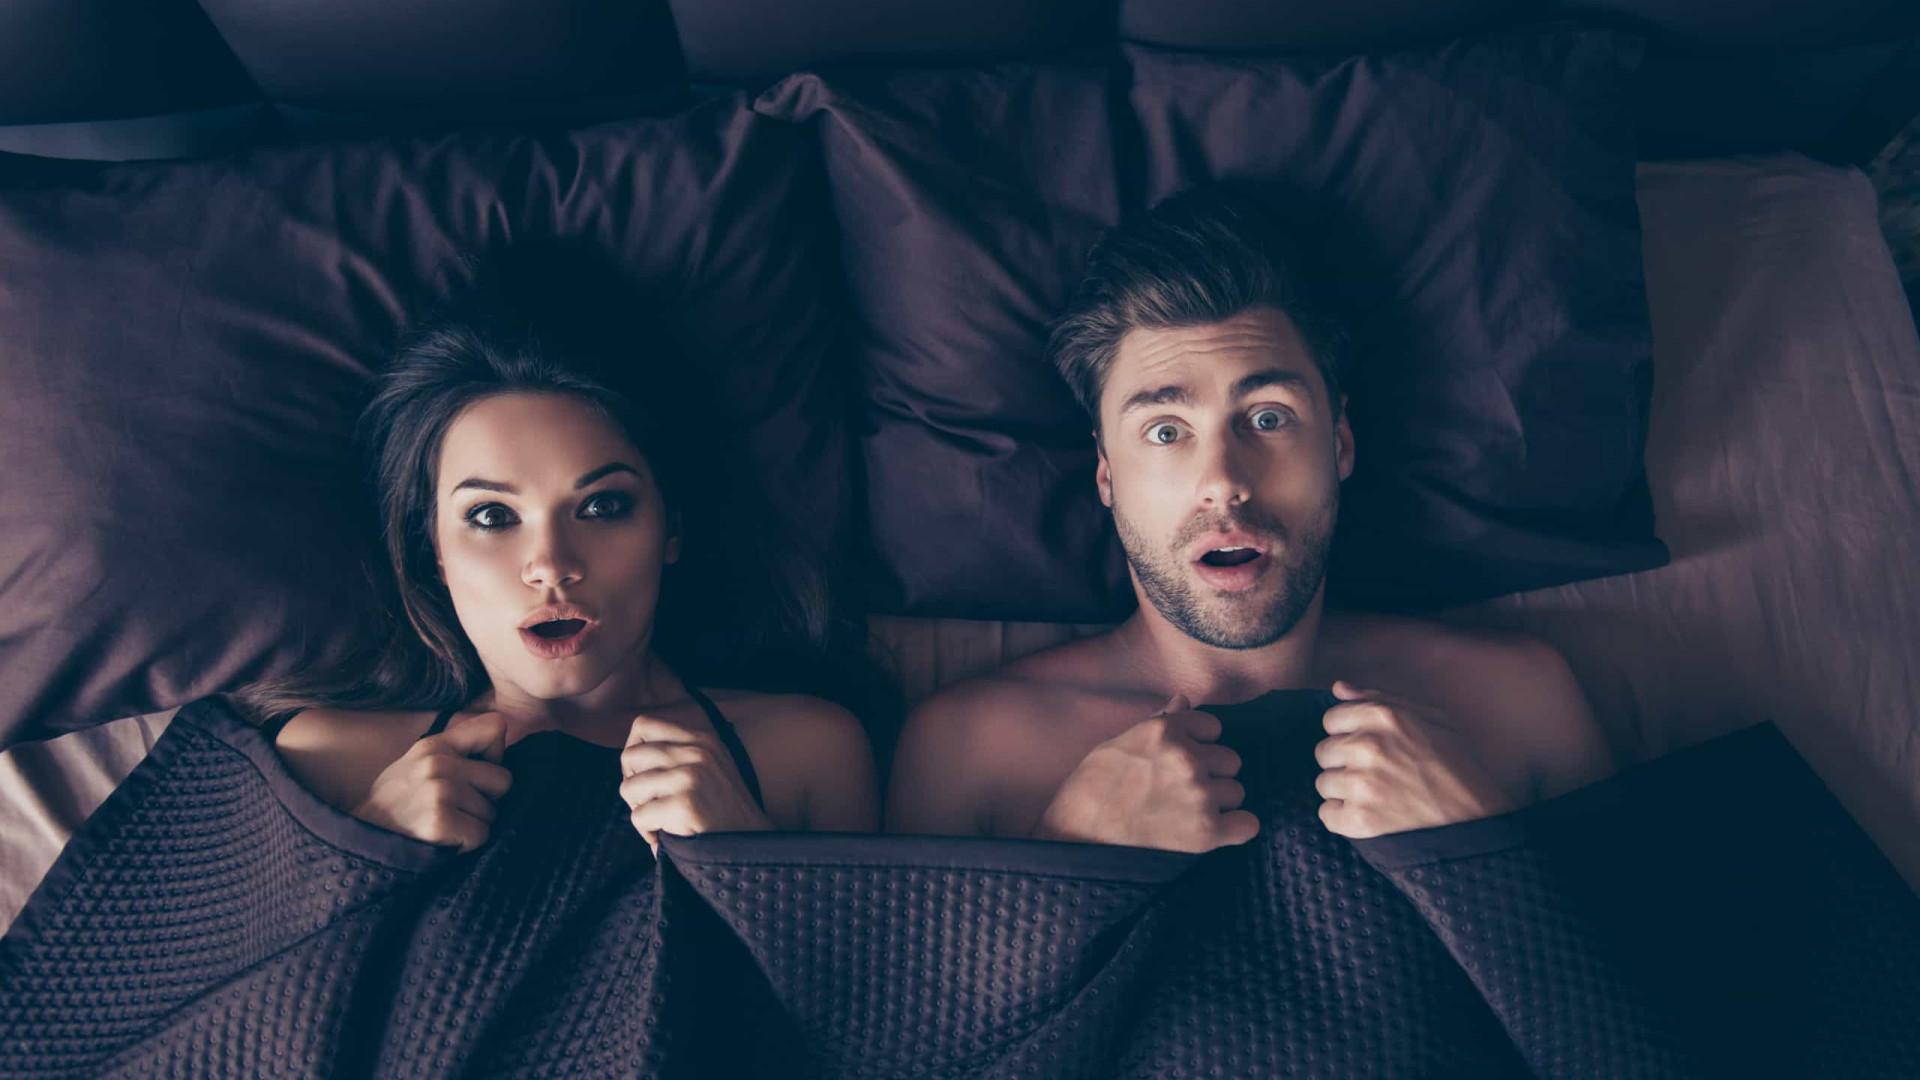 Seis 'acidentes' naturais (e constrangedores) que ocorrem no sexo